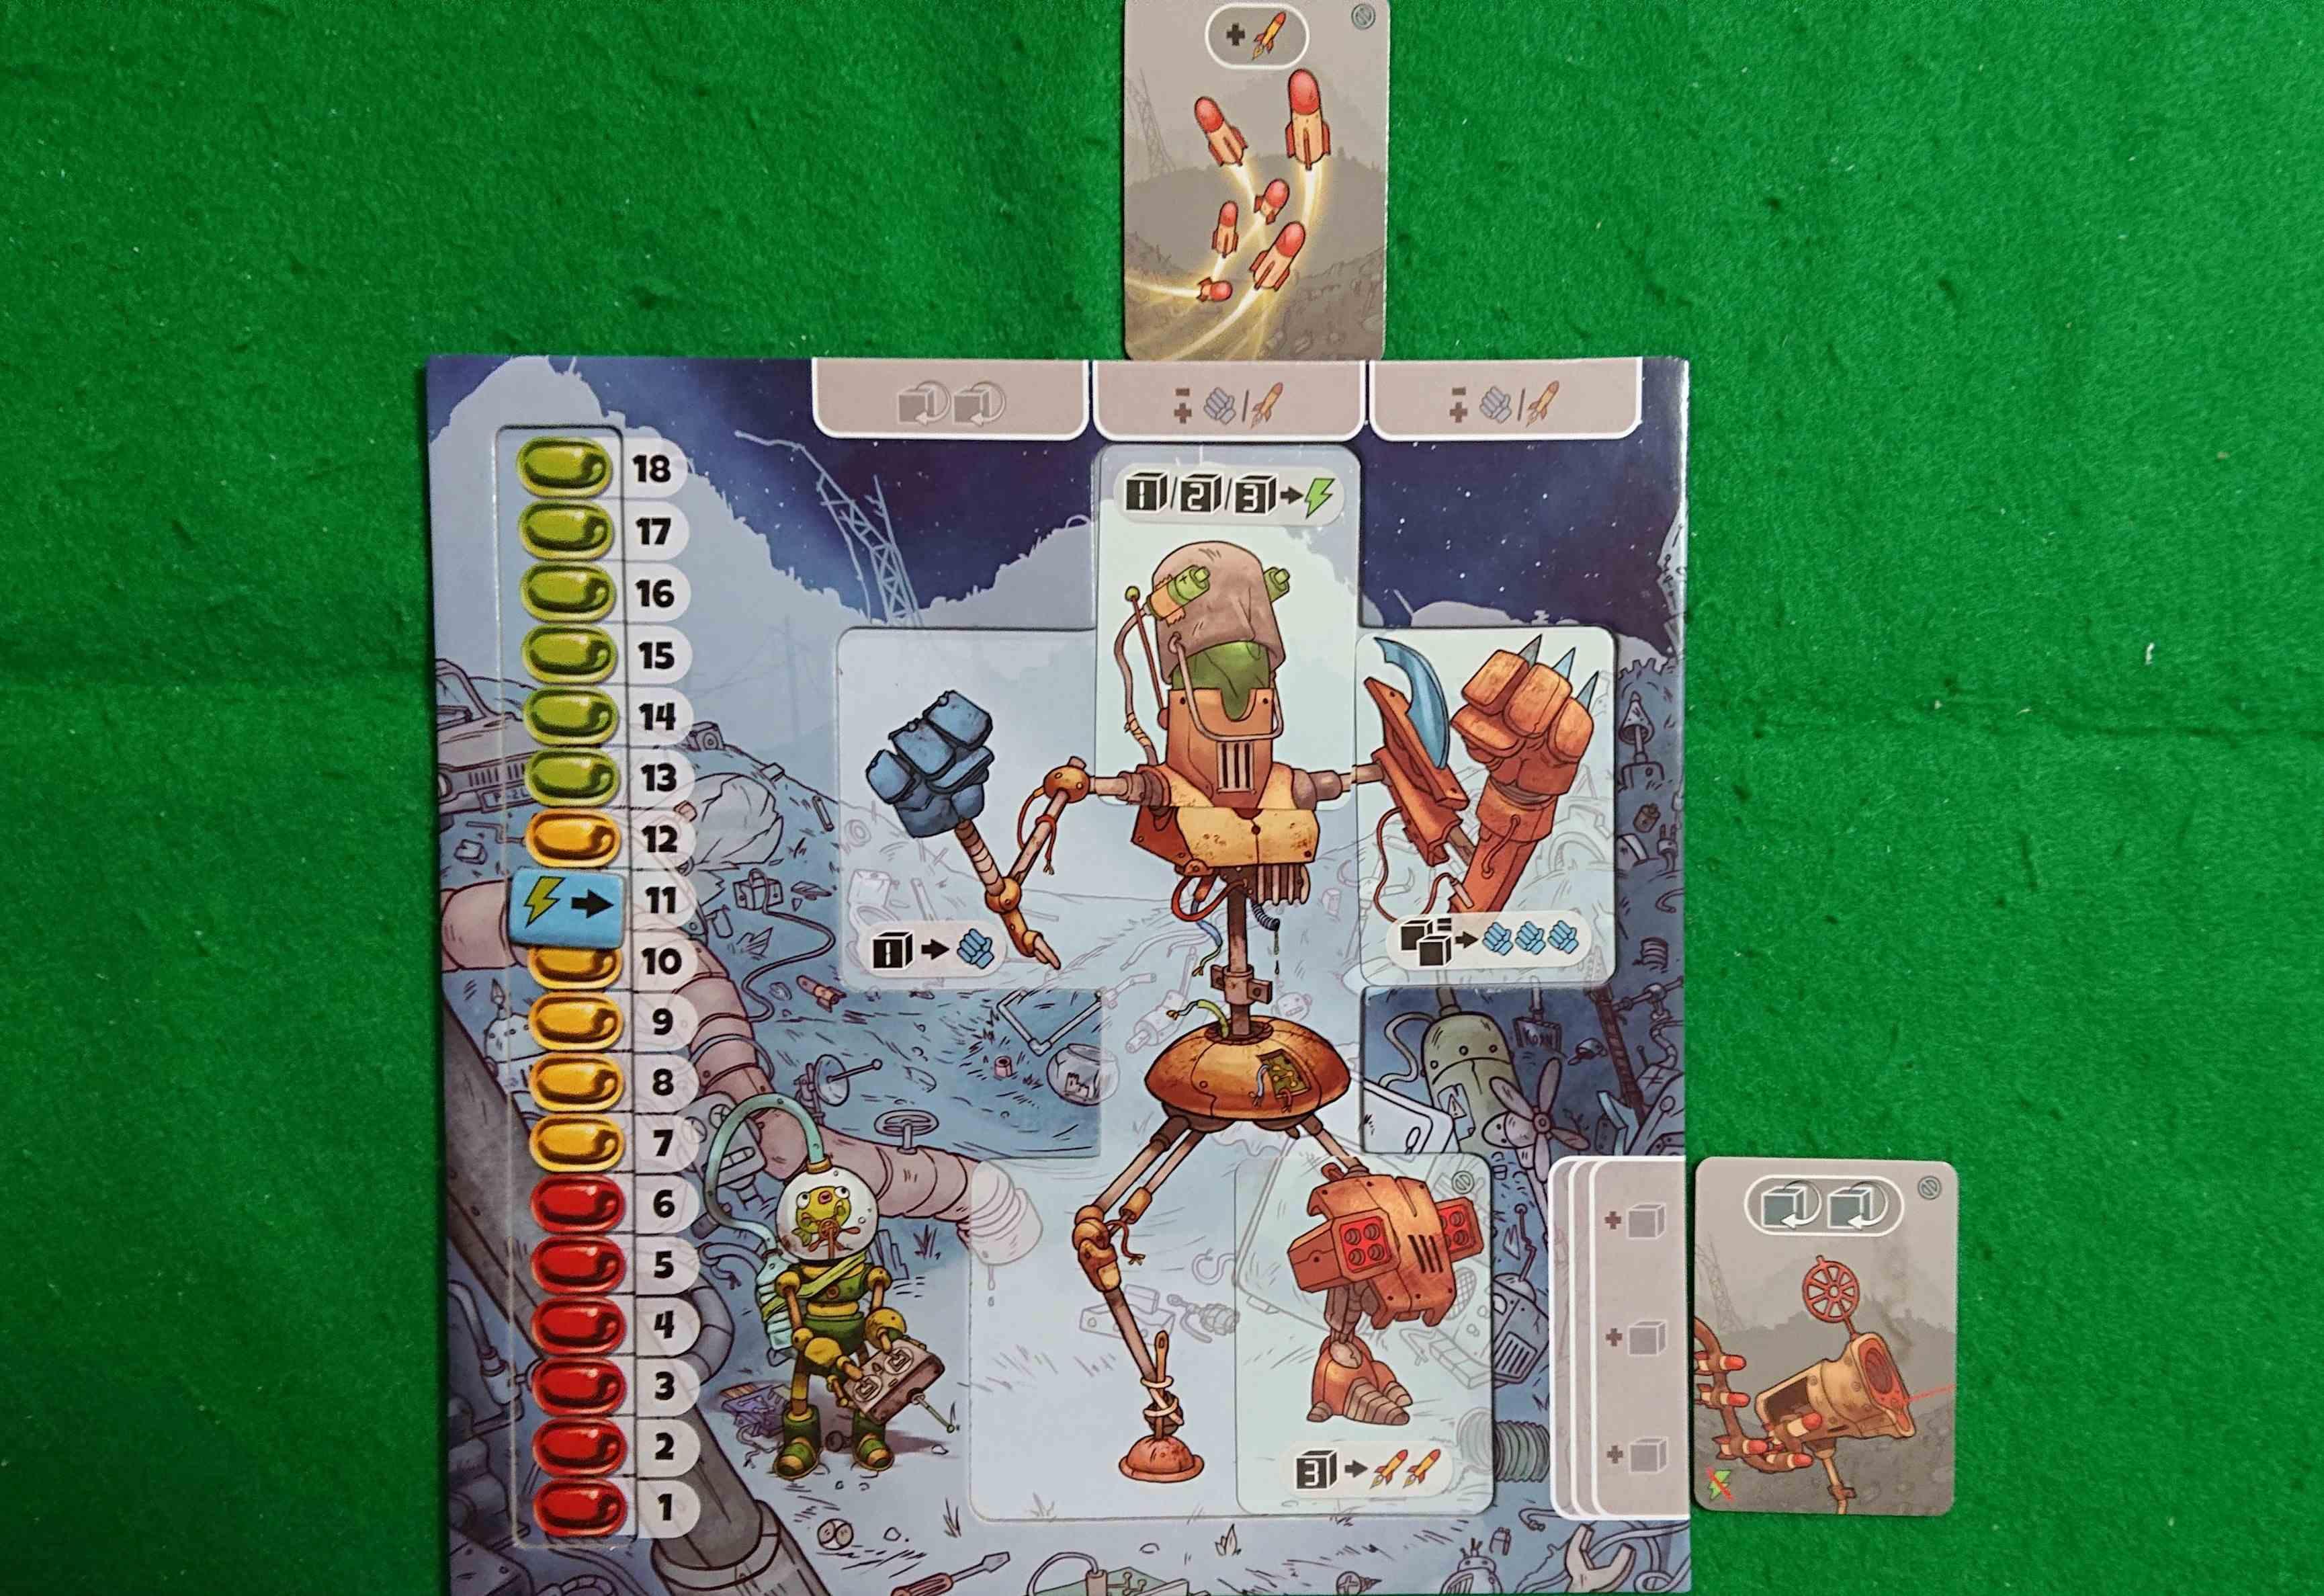 ポンコツロボット大乱闘 廃品回収の部品を使って相手をボコボコに! ボードゲーム